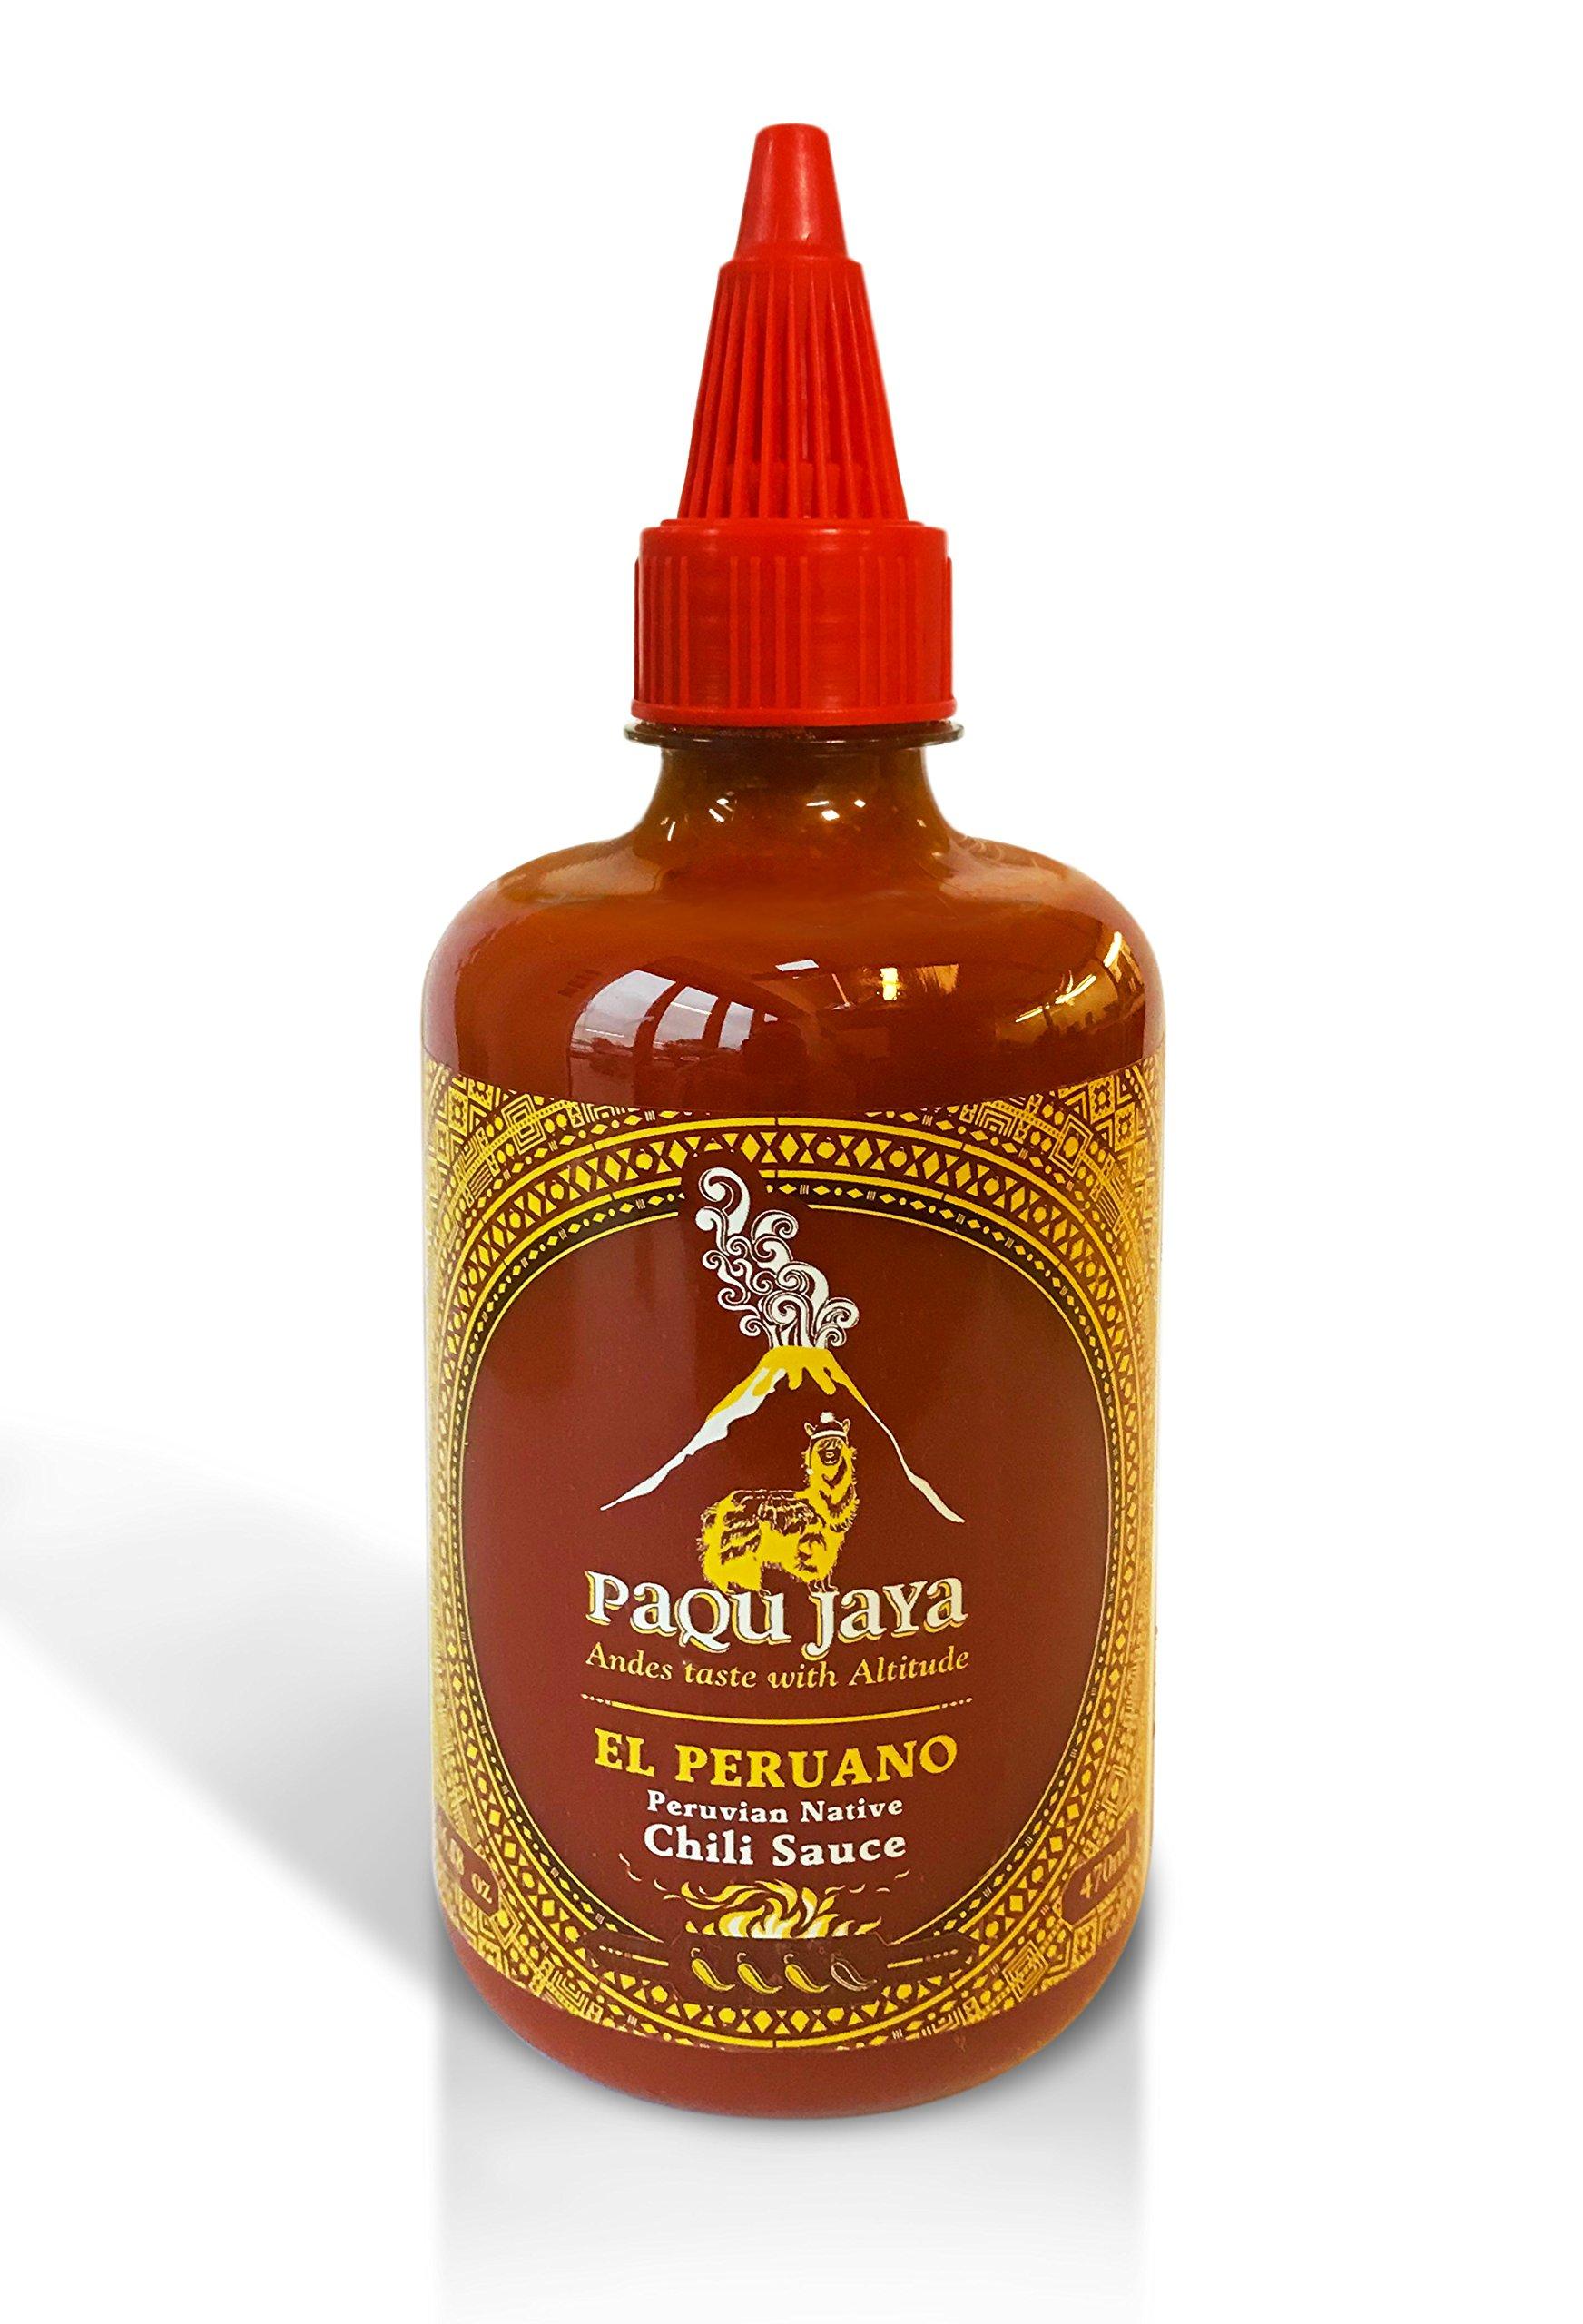 Paqu Jaya - El Peruano Native Chili Hot Sauce